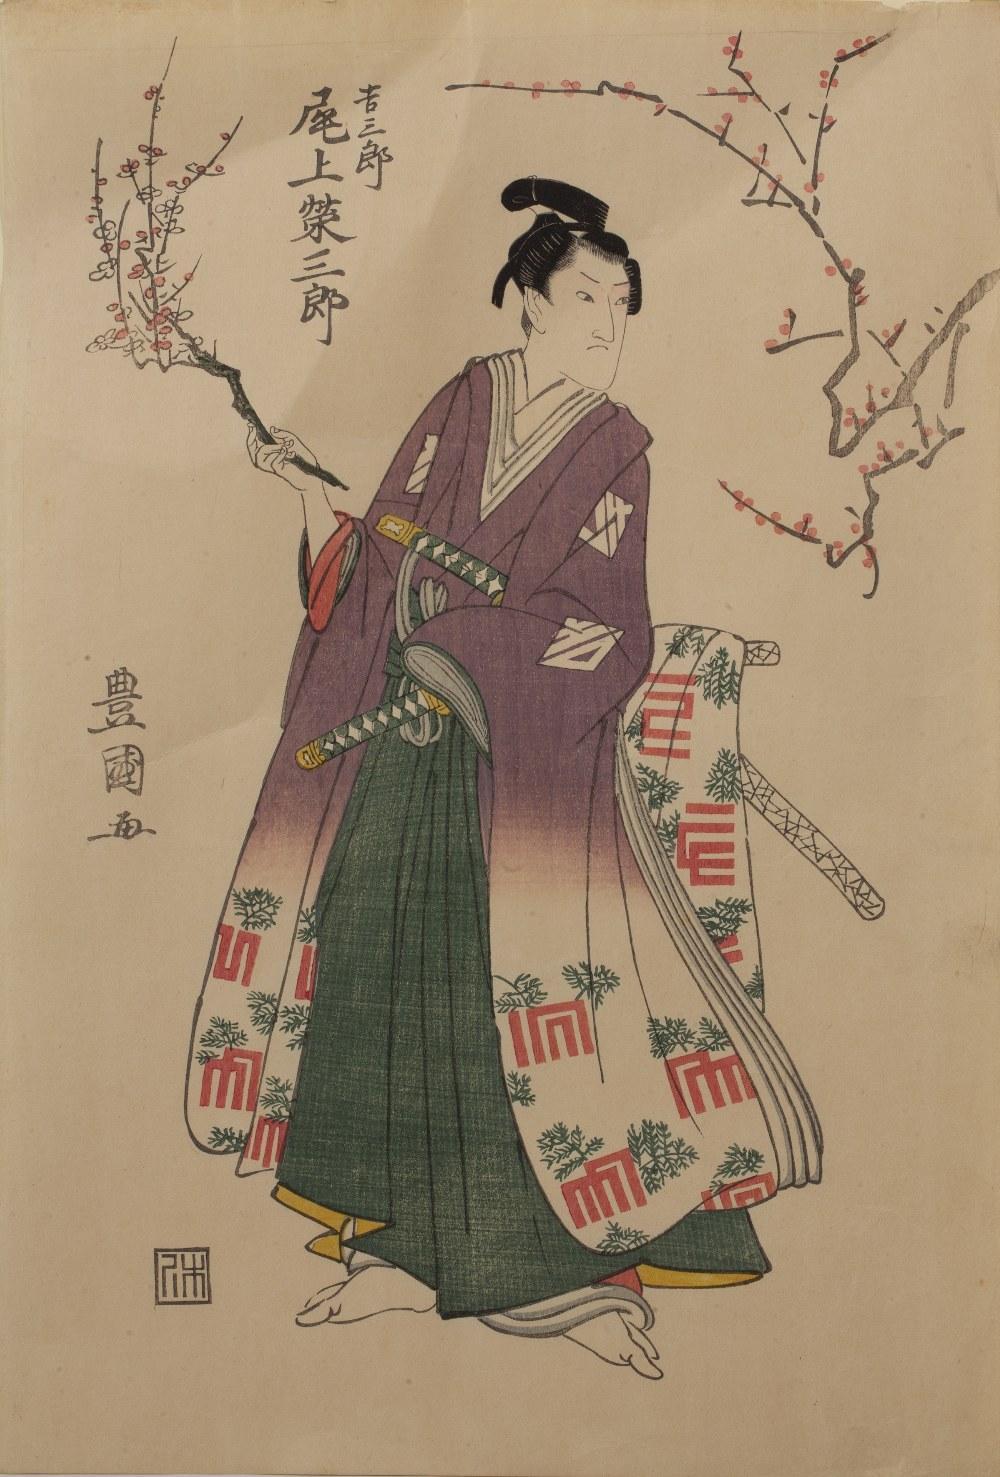 Utagawa Toyokuni I (1769-1825) 'Actor Onoe, Eizaburo I in robe' Japanese woodblock, stamped lower